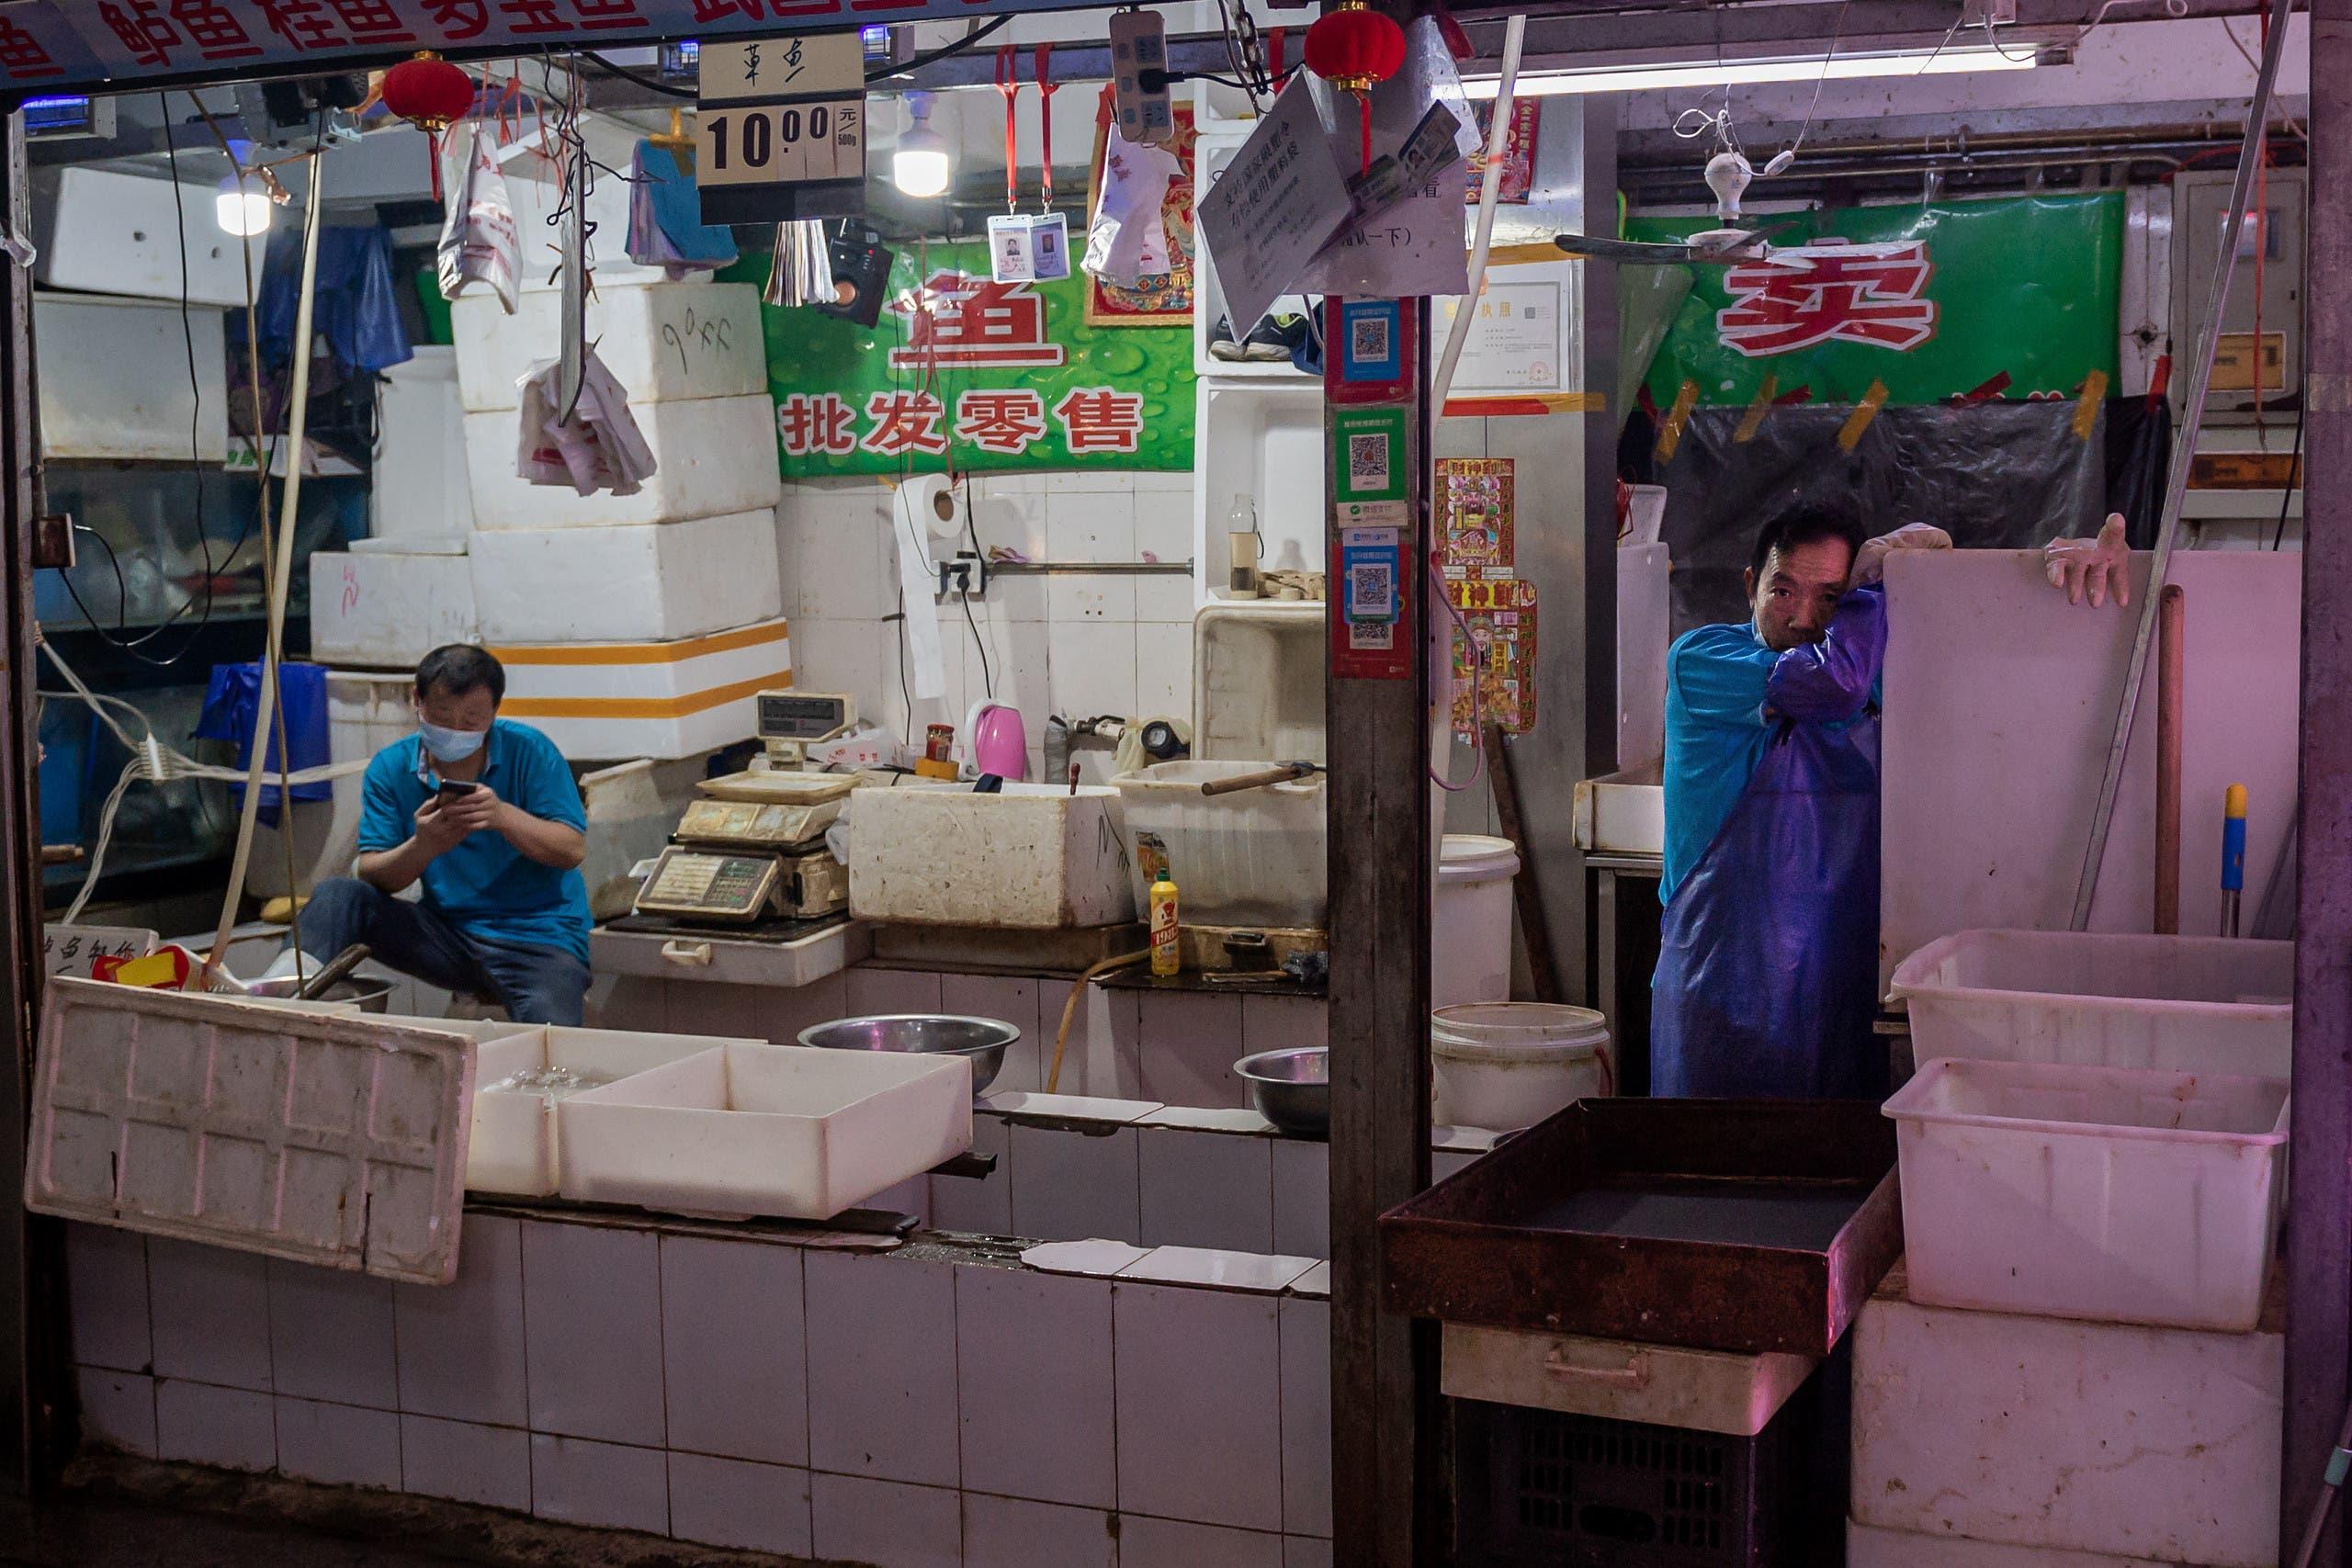 من سوق لبيع المأكولات البحرية واللحوم في بكين (أرشيفية- فرانس برس)